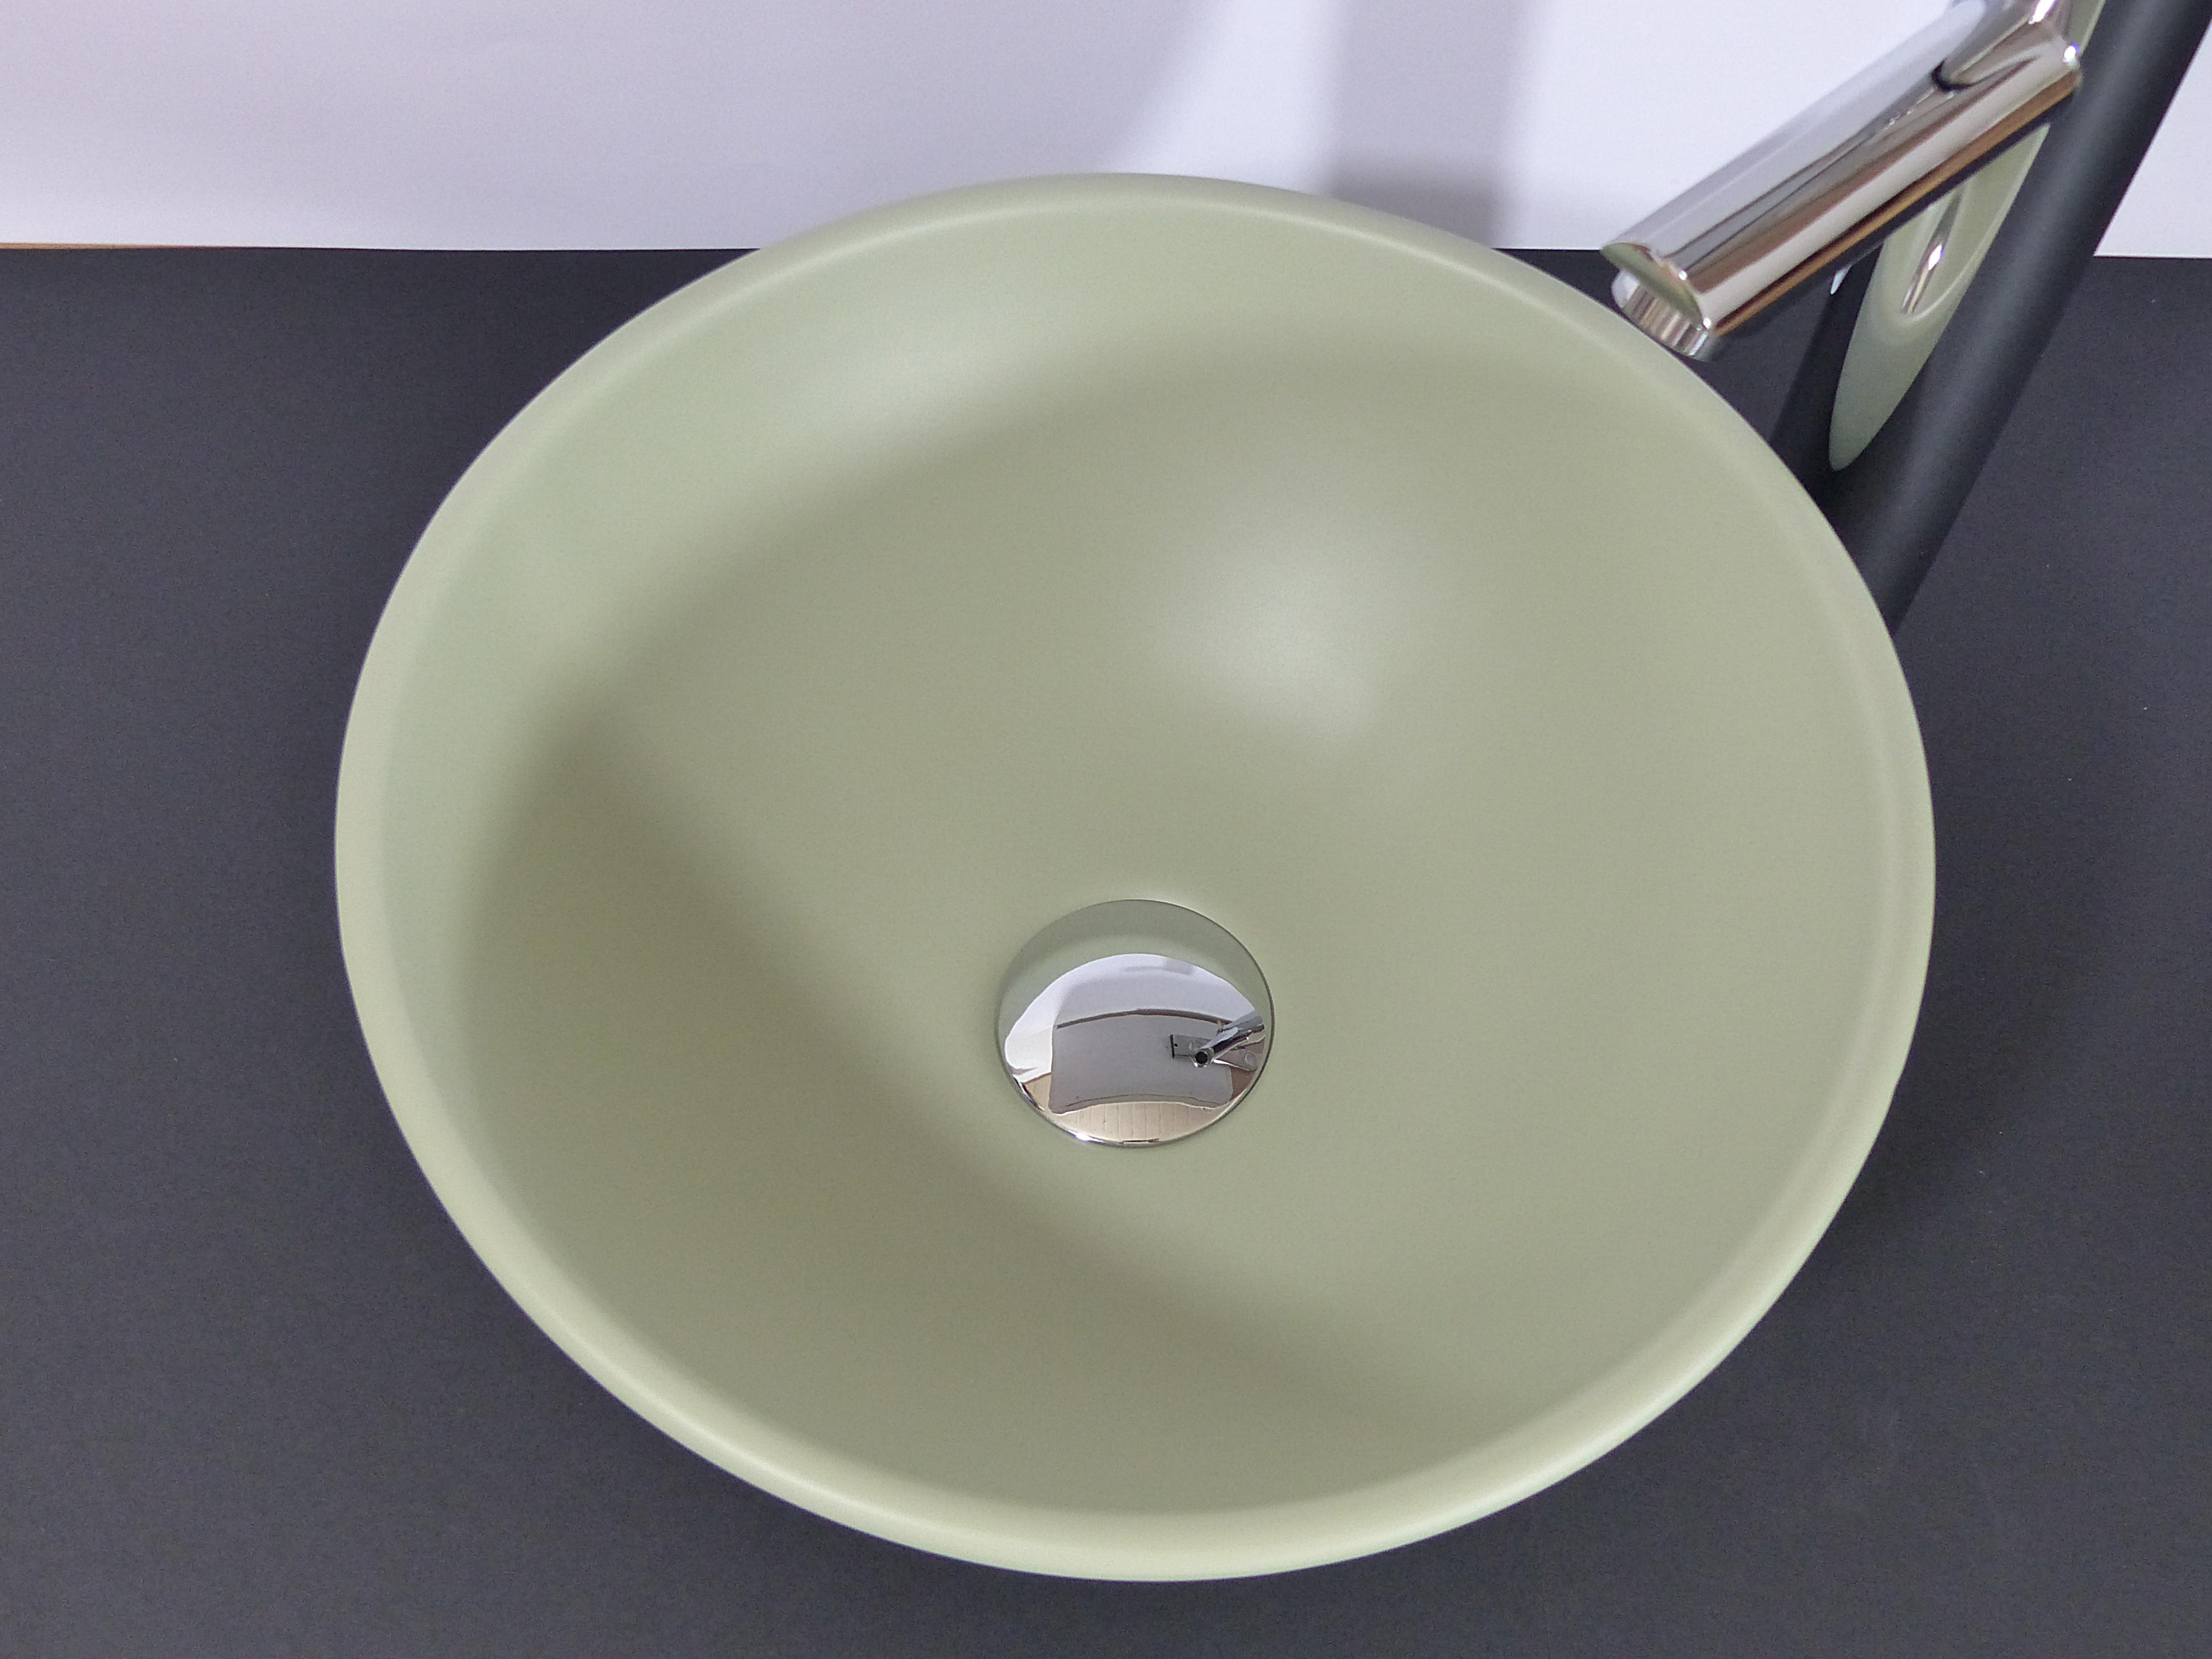 nero badshop kleines keramik aufsatz waschbecken rund khaki matt online kaufen. Black Bedroom Furniture Sets. Home Design Ideas